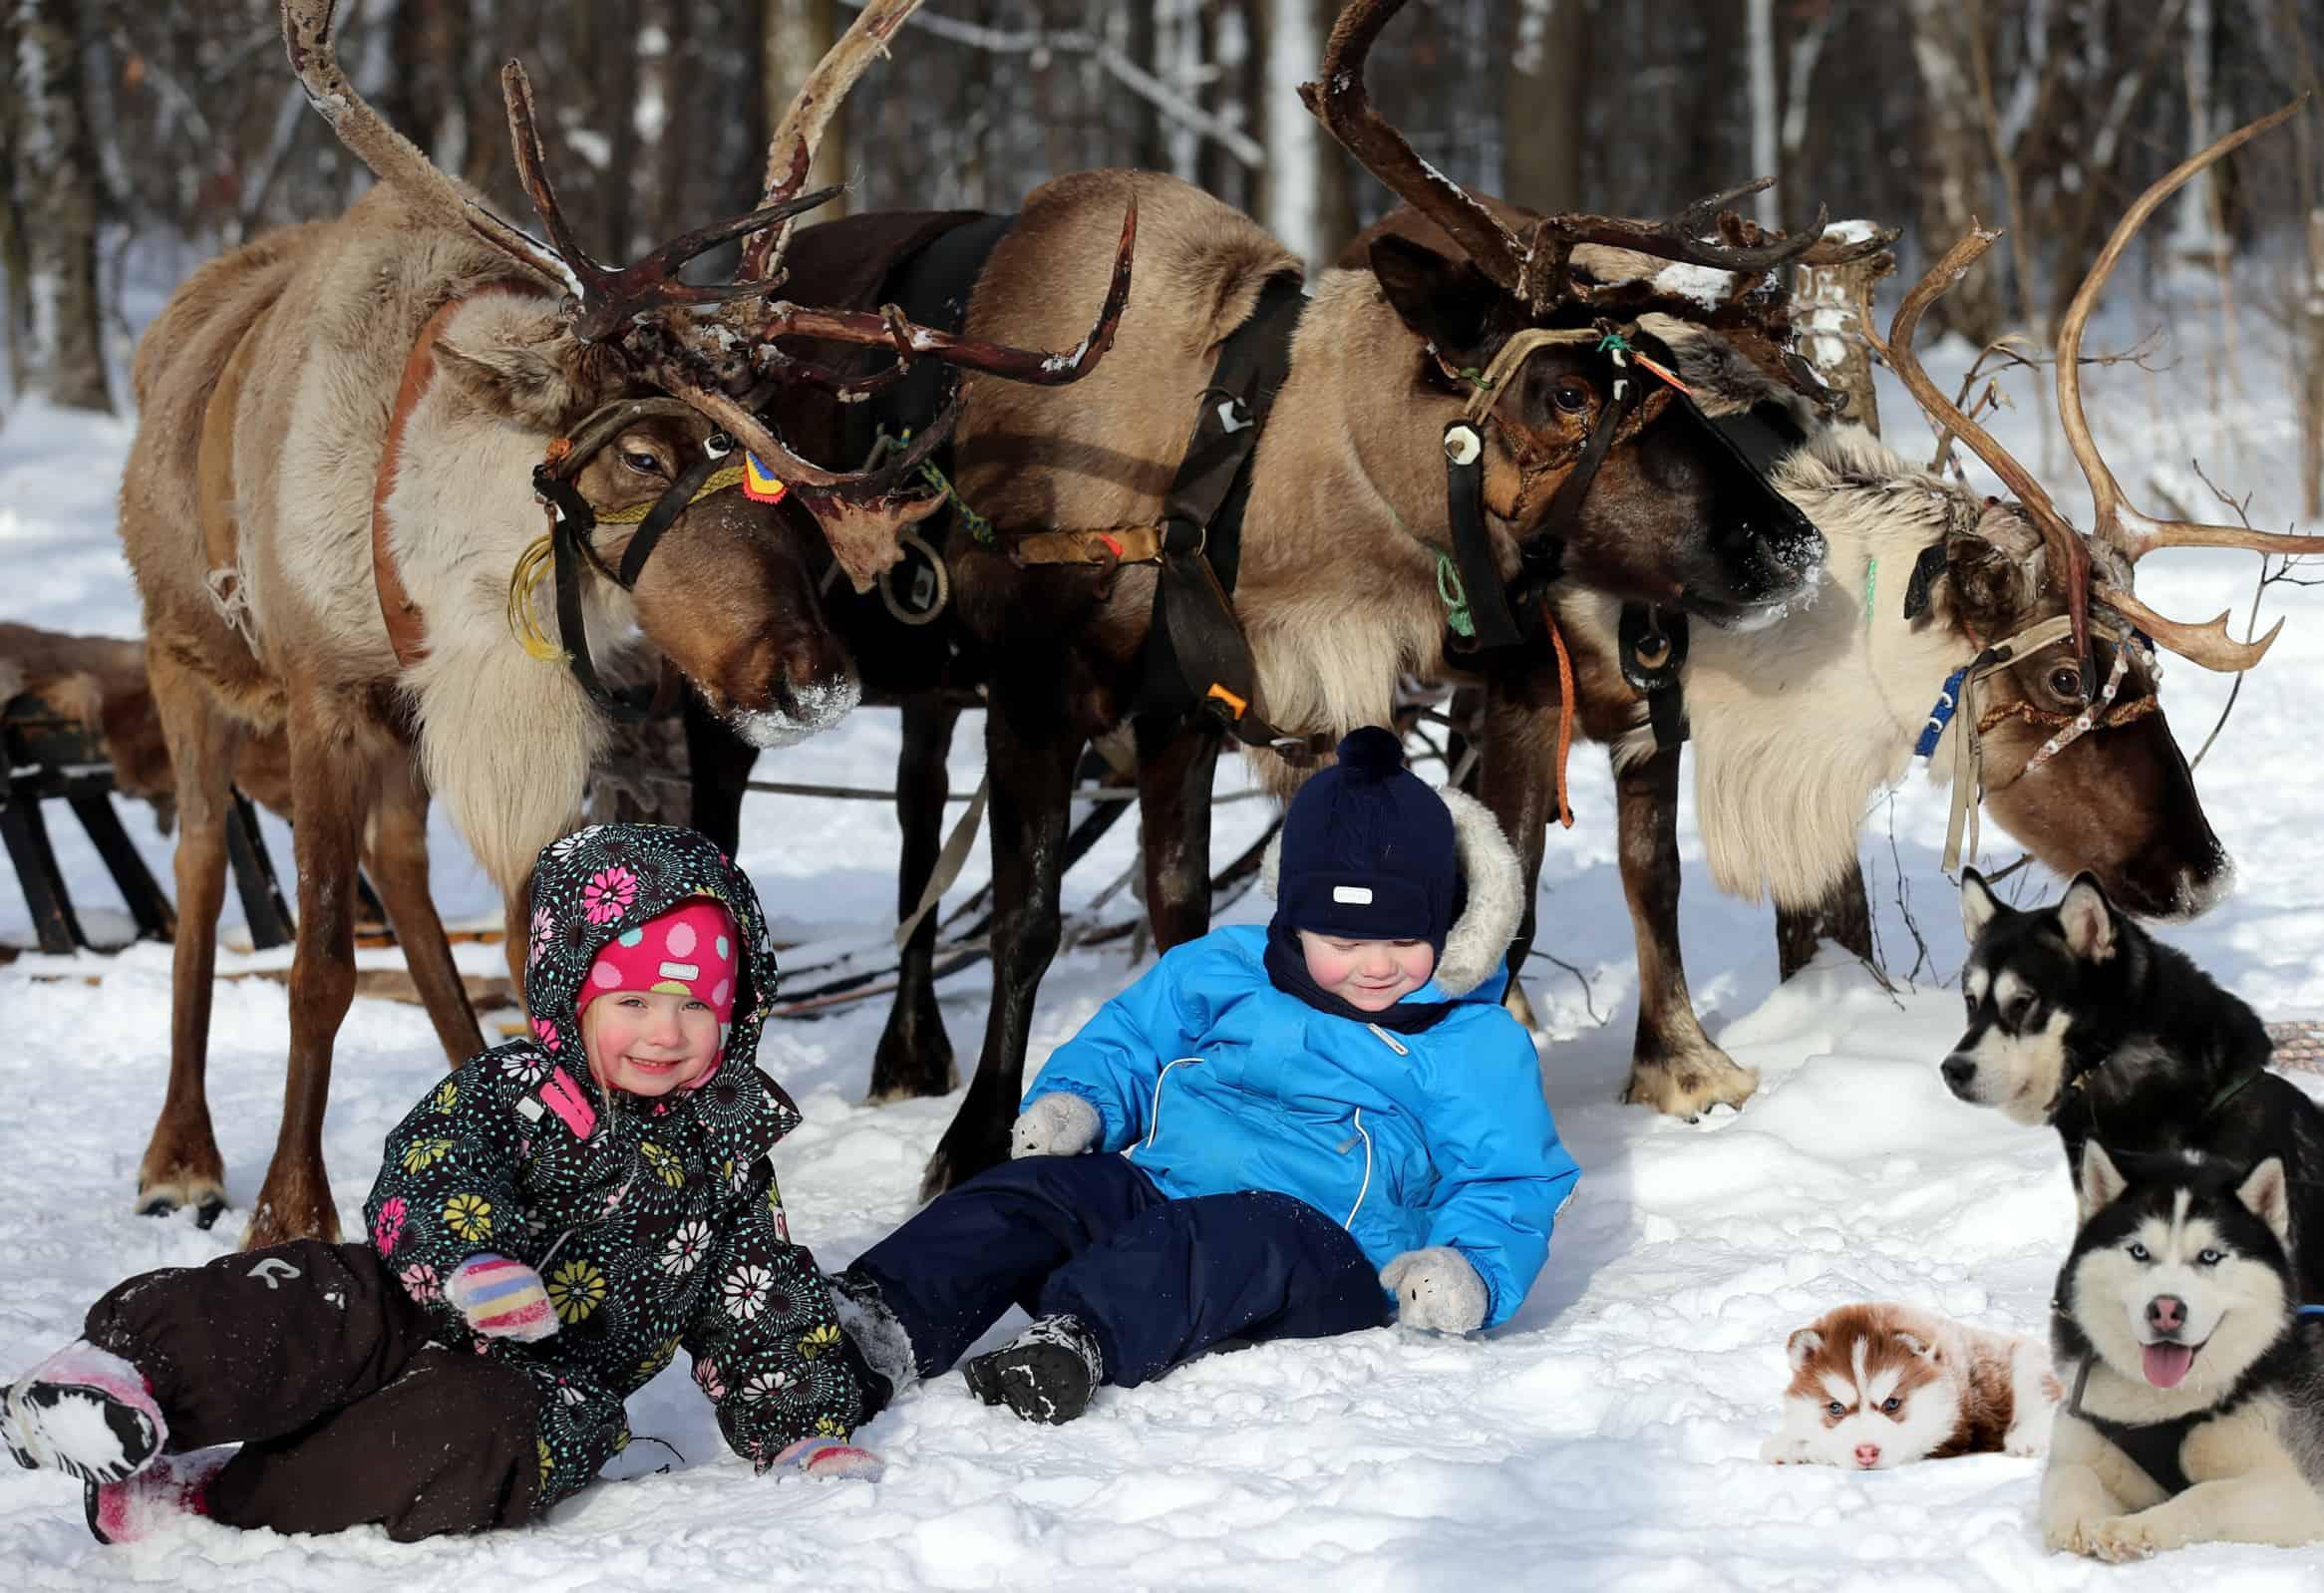 Катание на упряжках в московских парках Катание на упряжках в московских парках 8